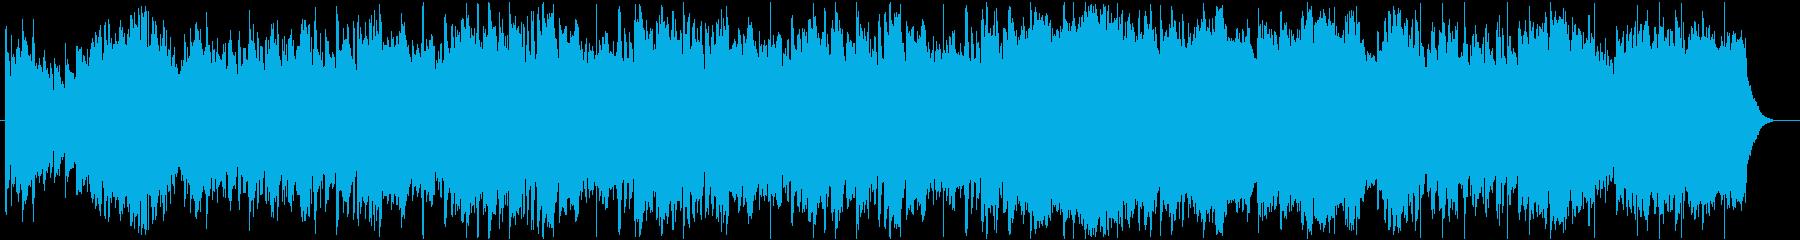 雄大な自然をイメージするフィールドBGMの再生済みの波形